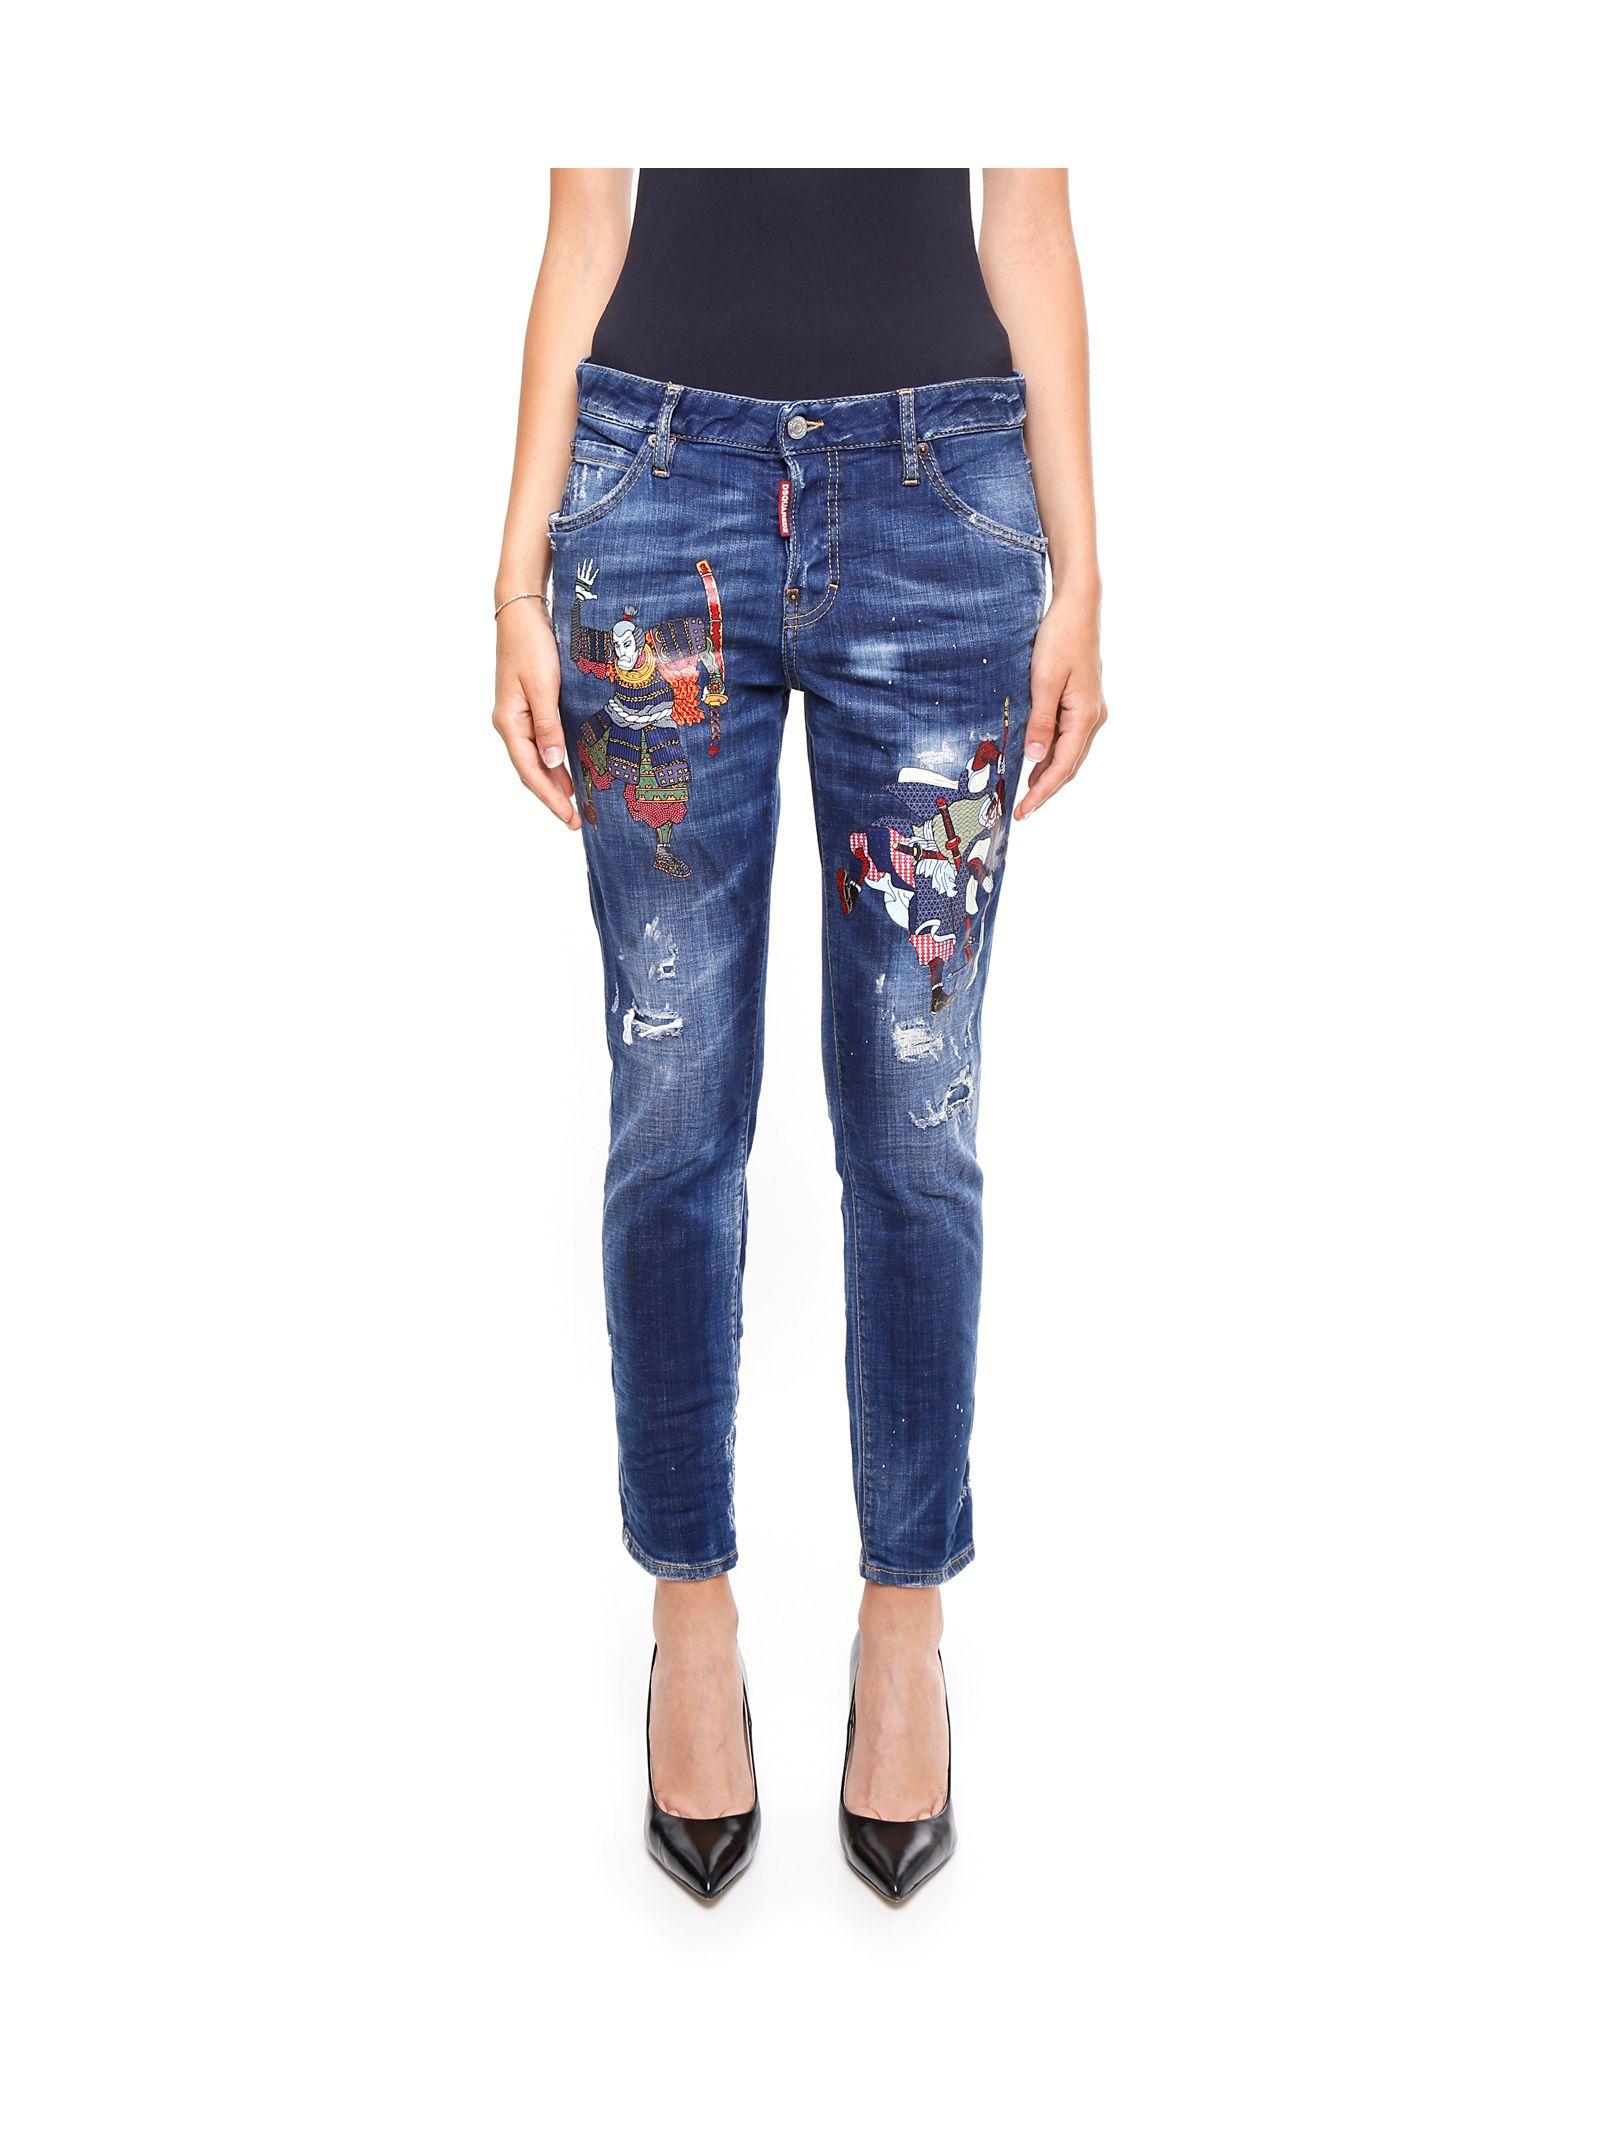 Jeanși de damă DSQUARED2, din bumbac, cu imprimeu